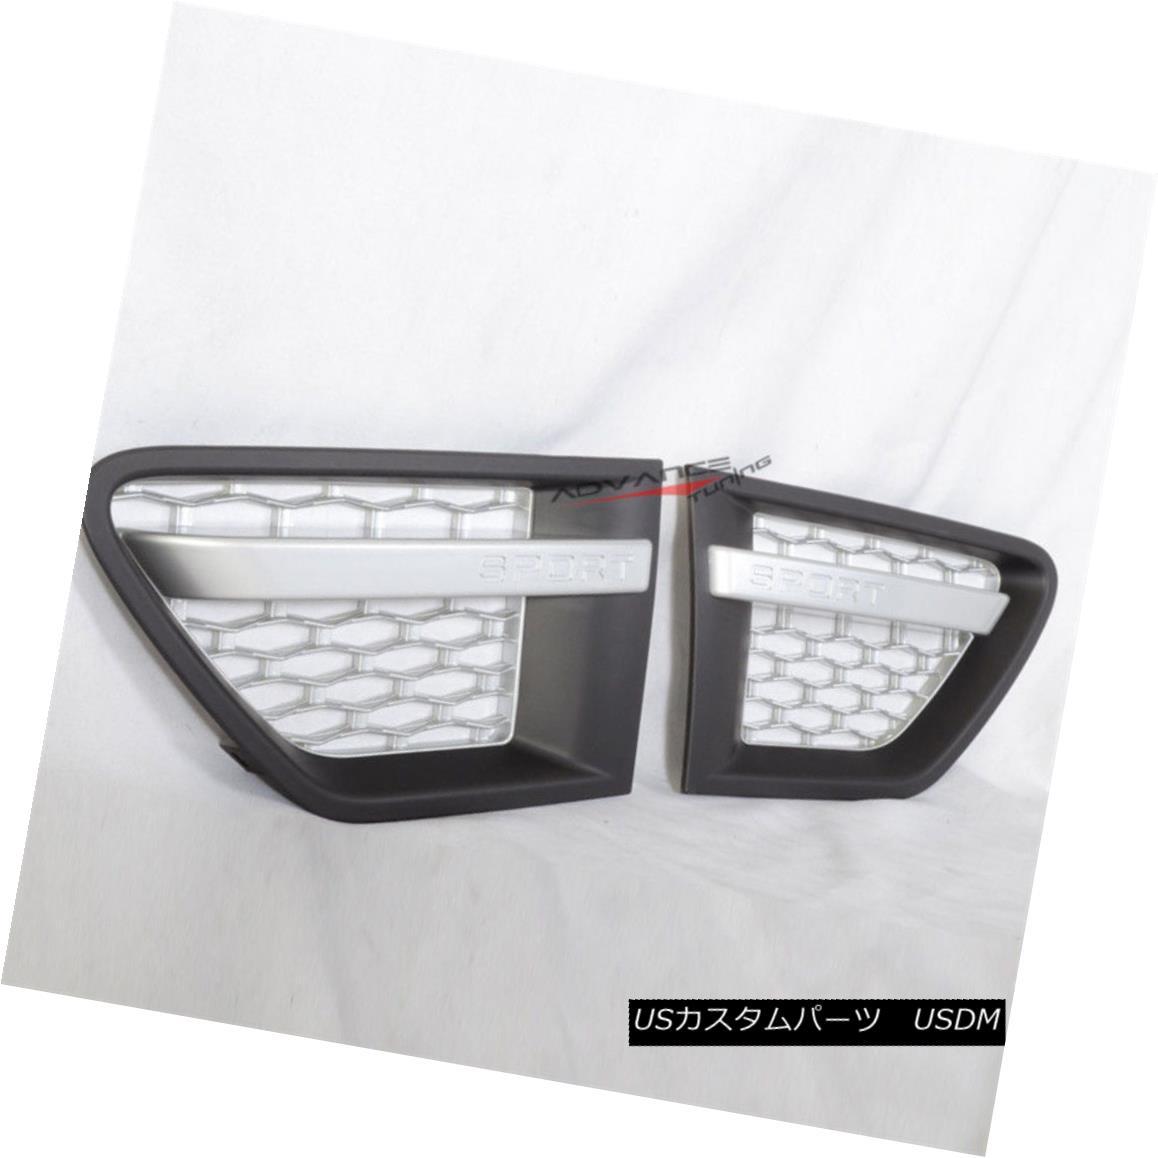 グリル For 10 11 Range Rover Sport Side Vent Black Side Vent Honeycomb Sport - Silver 10 11レンジローバースポーツサイドベントブラックサイドベントハニカムスポーツ - シルバー